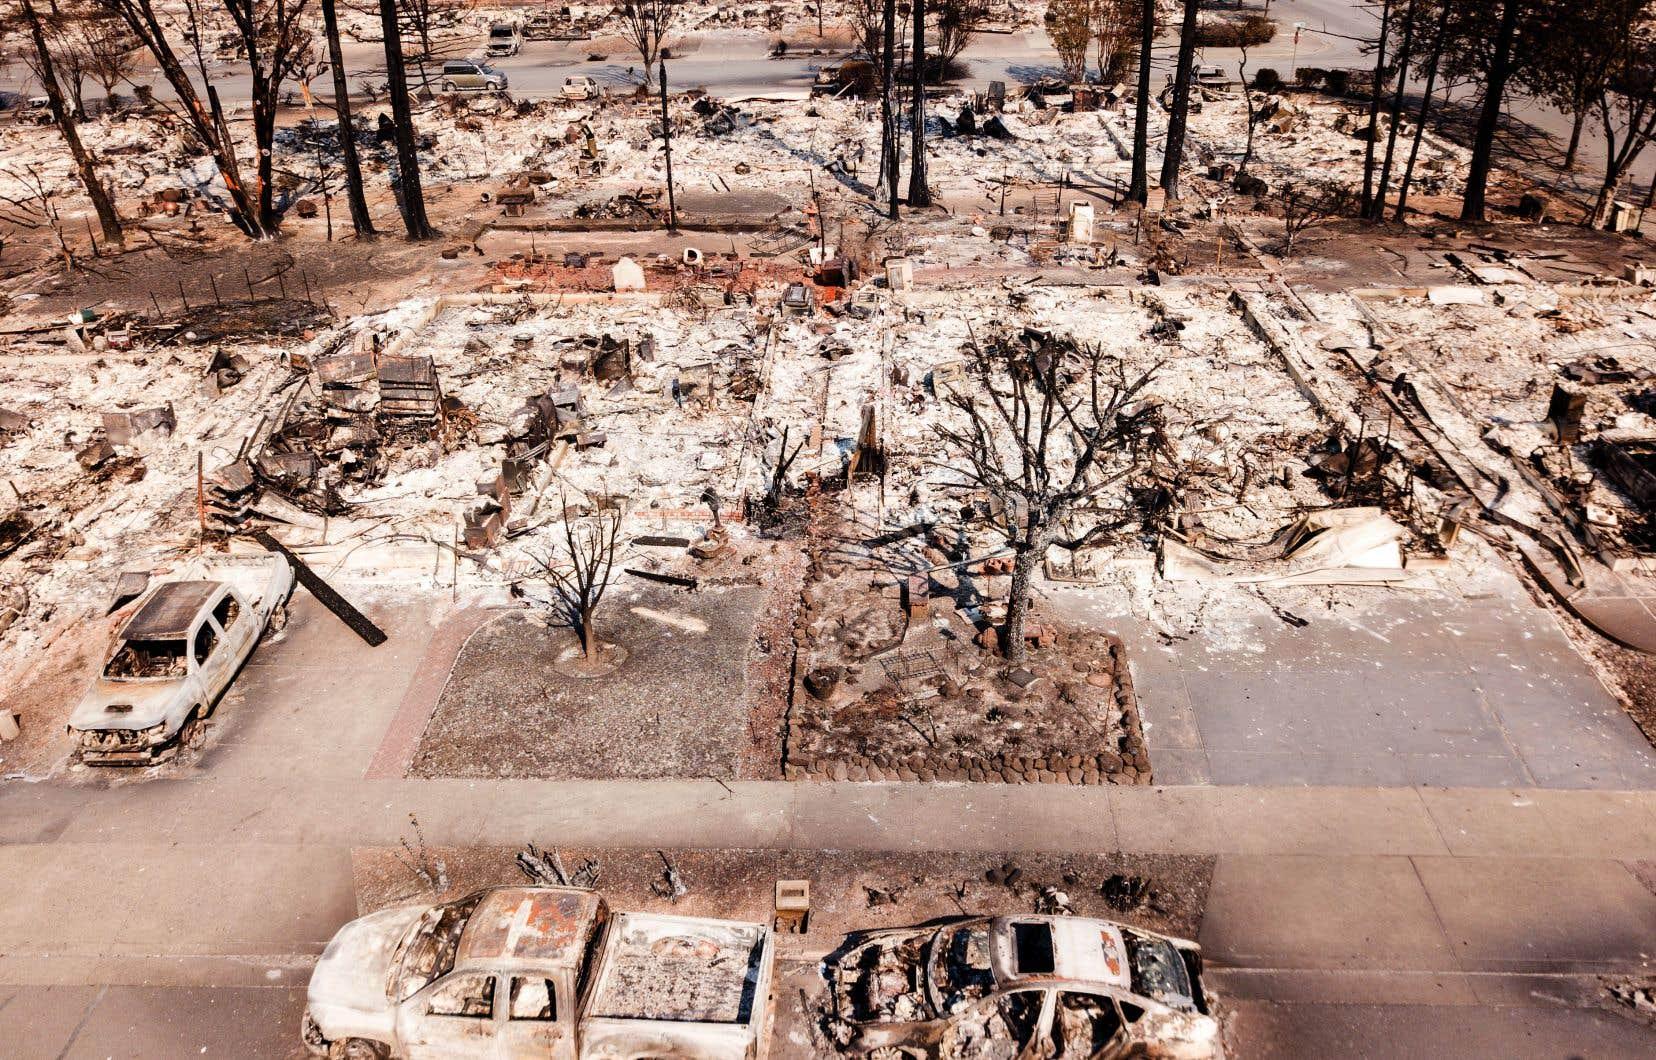 22 incendies ont calciné depuis dimanche près de 70 000 hectares dans huit comtés californiens.